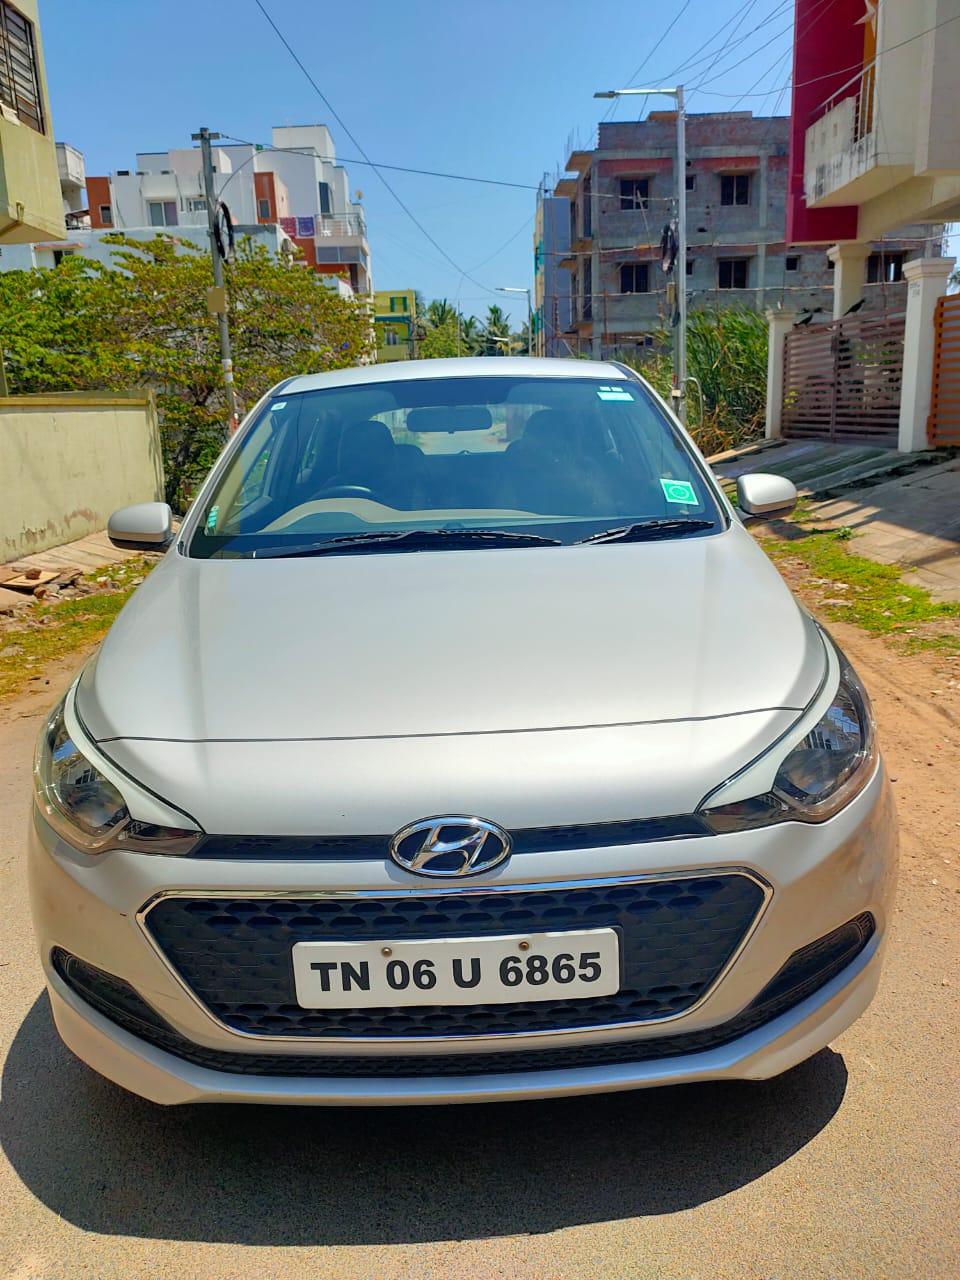 2017 Used Hyundai Elite I20 MAGNA EXECUTIVE 1.2